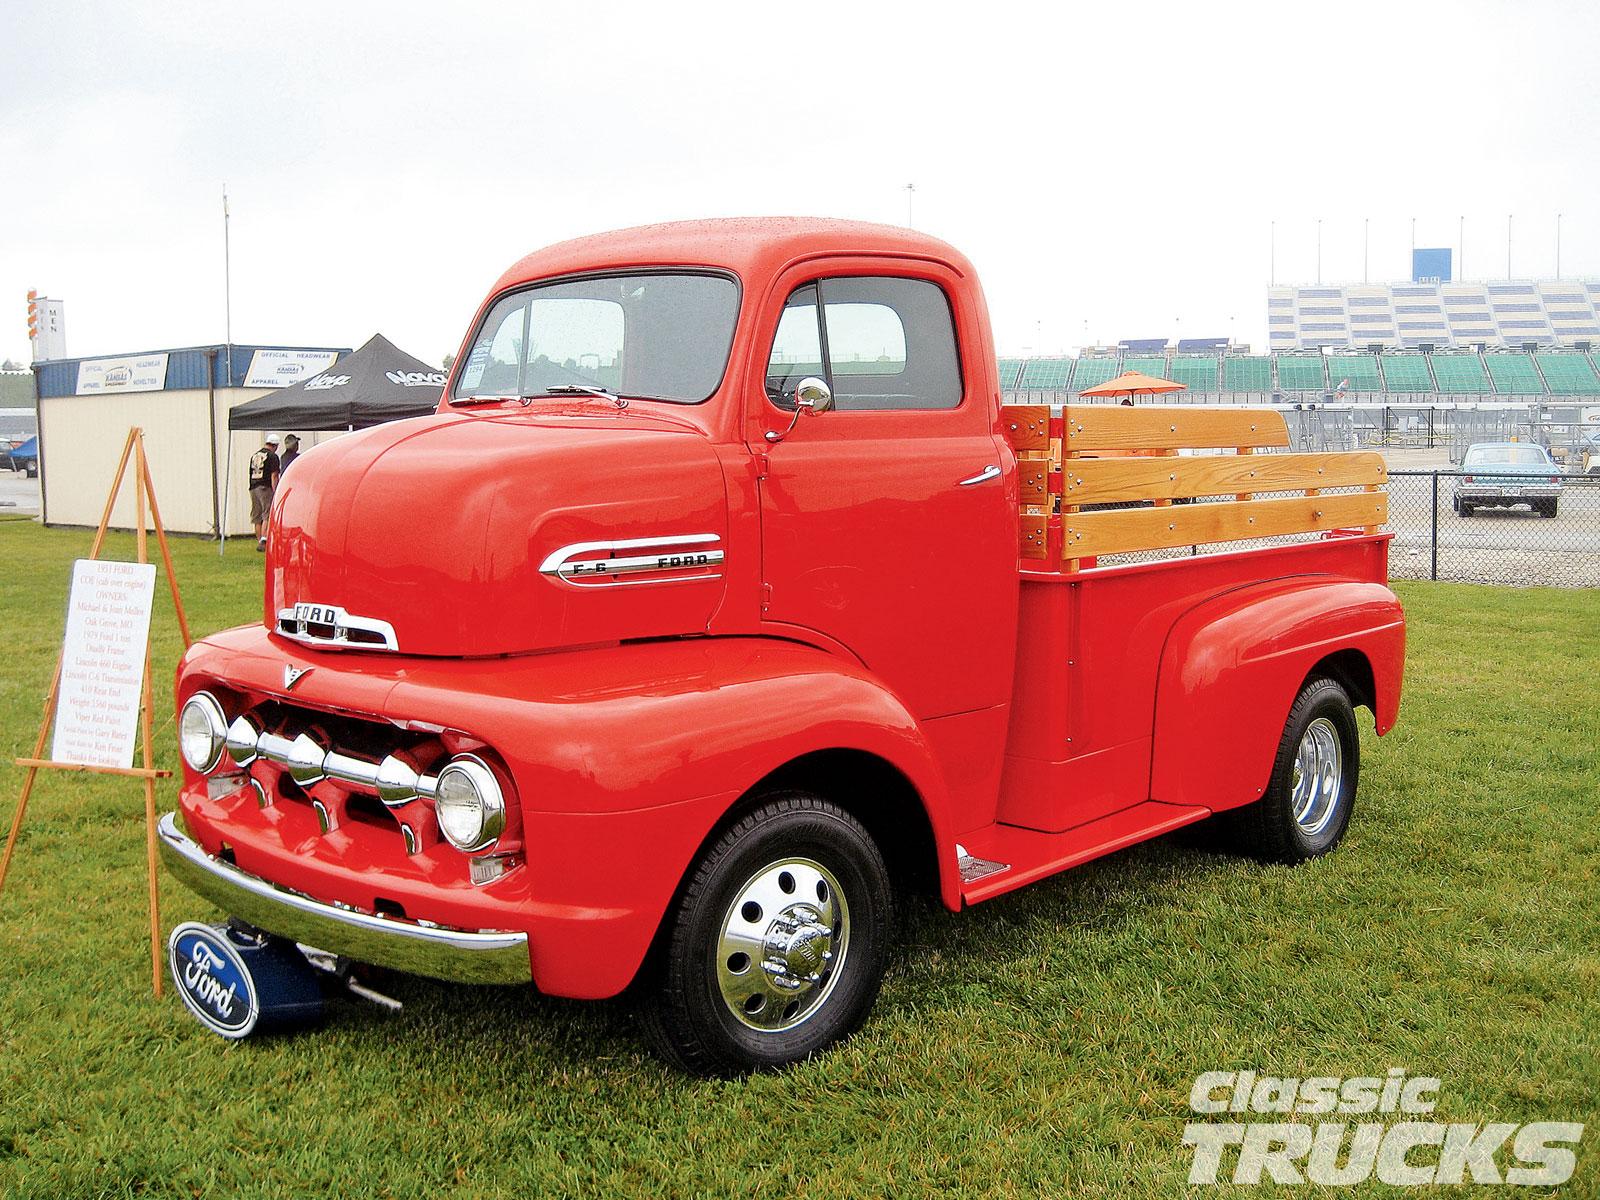 Old Ford Trucks Wallpaper Wallpapersafari 1951 52 Pick Up F1 Pickup Truck Picswallpapercom 1600x1200